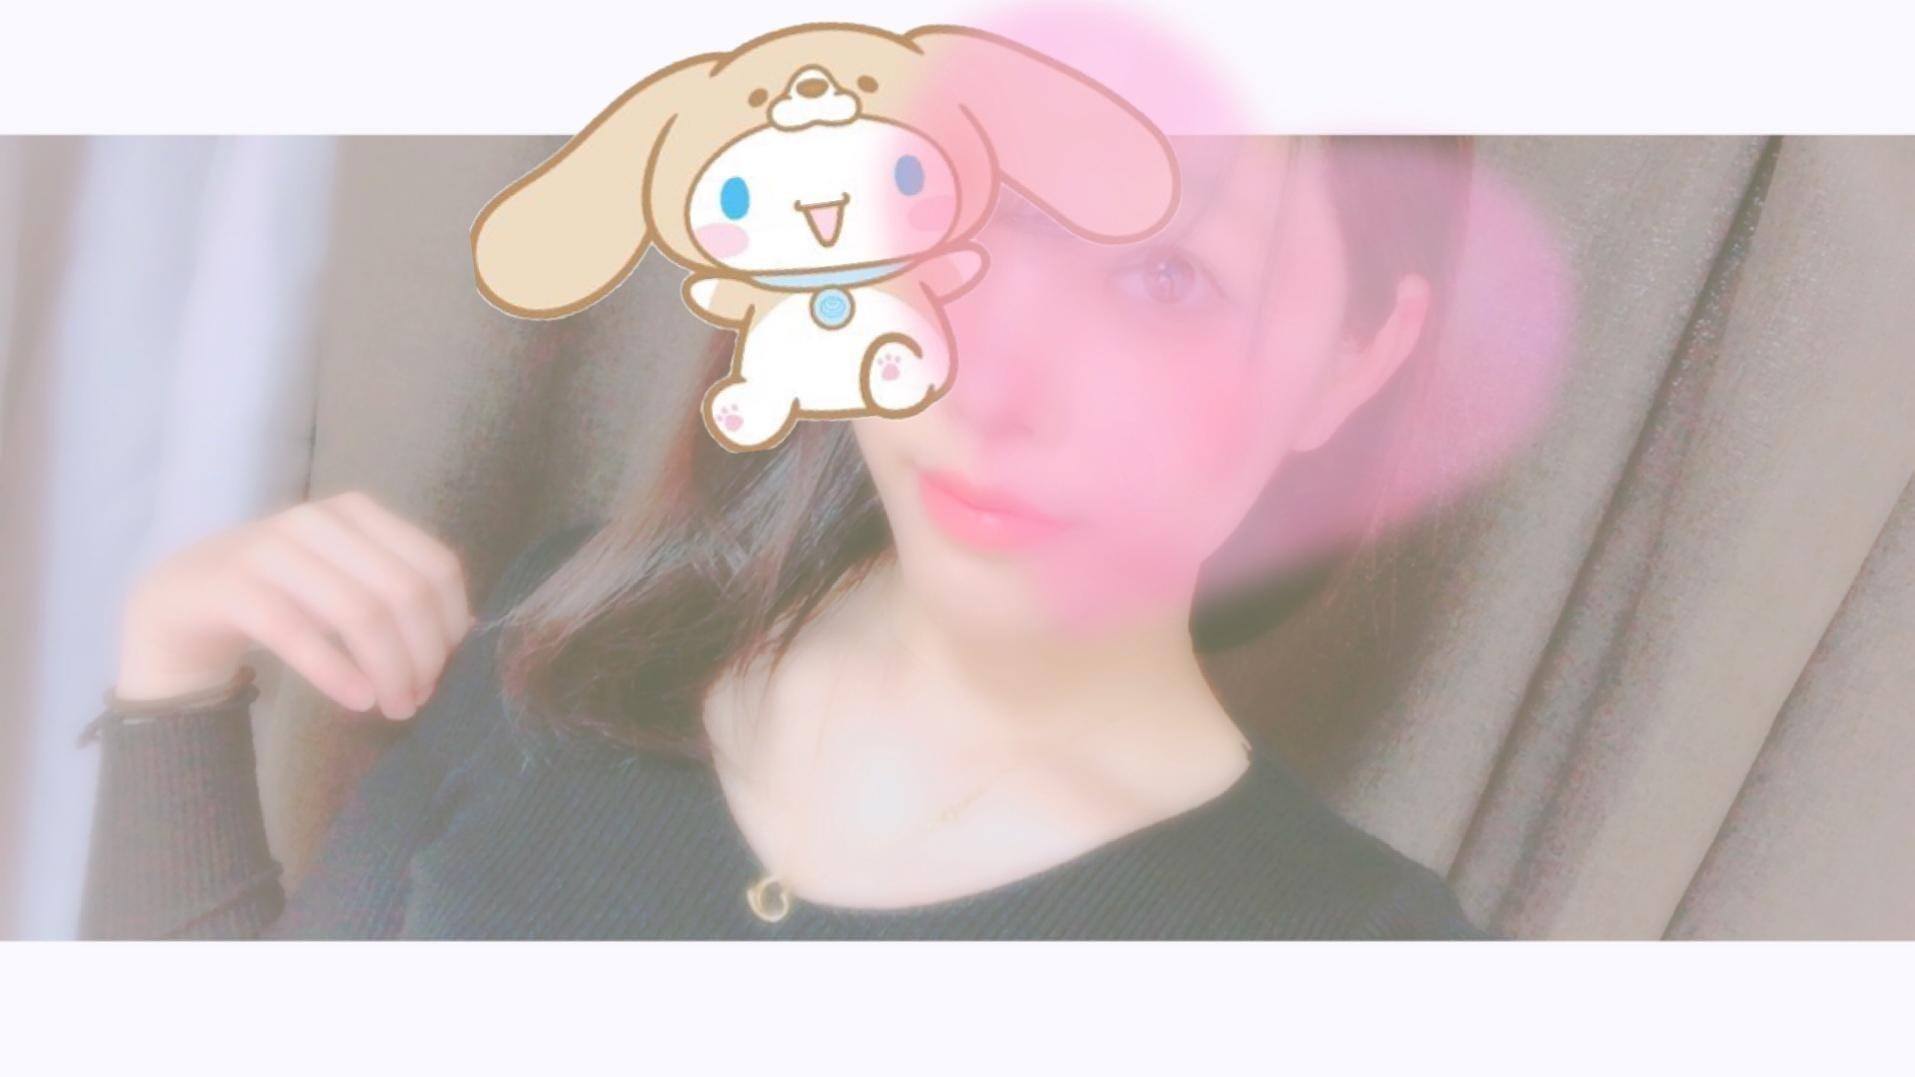 「うひゃひゃっ♪♪」12/09(日) 15:44 | あゆみの写メ・風俗動画